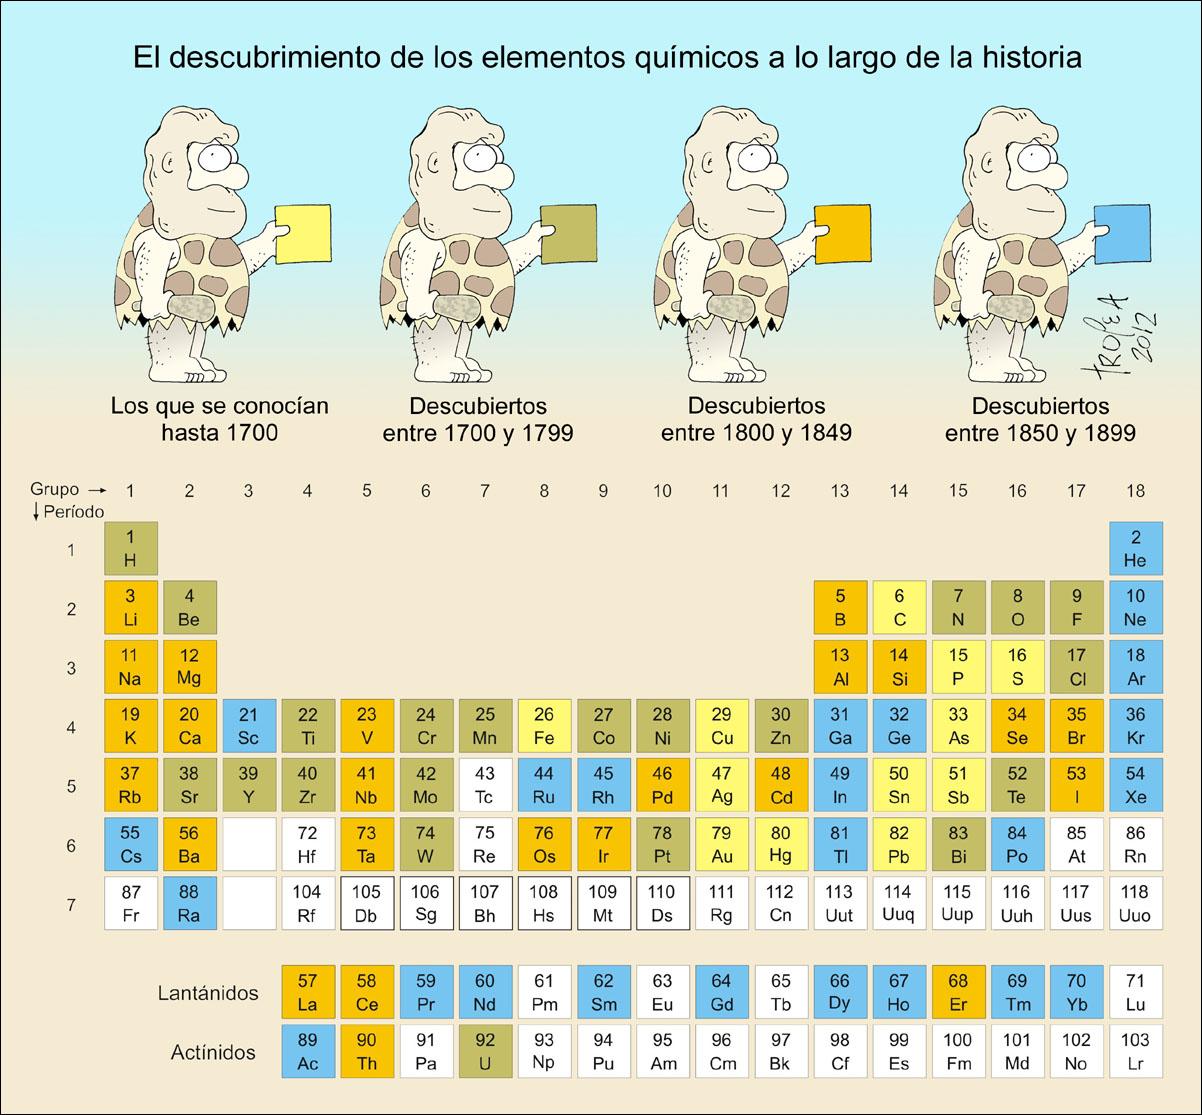 La tabla periodica y los enlaces quimicos historia de la tabla periodica cronologa de las diferentes clasificaciones de los elementos qumicos urtaz Image collections